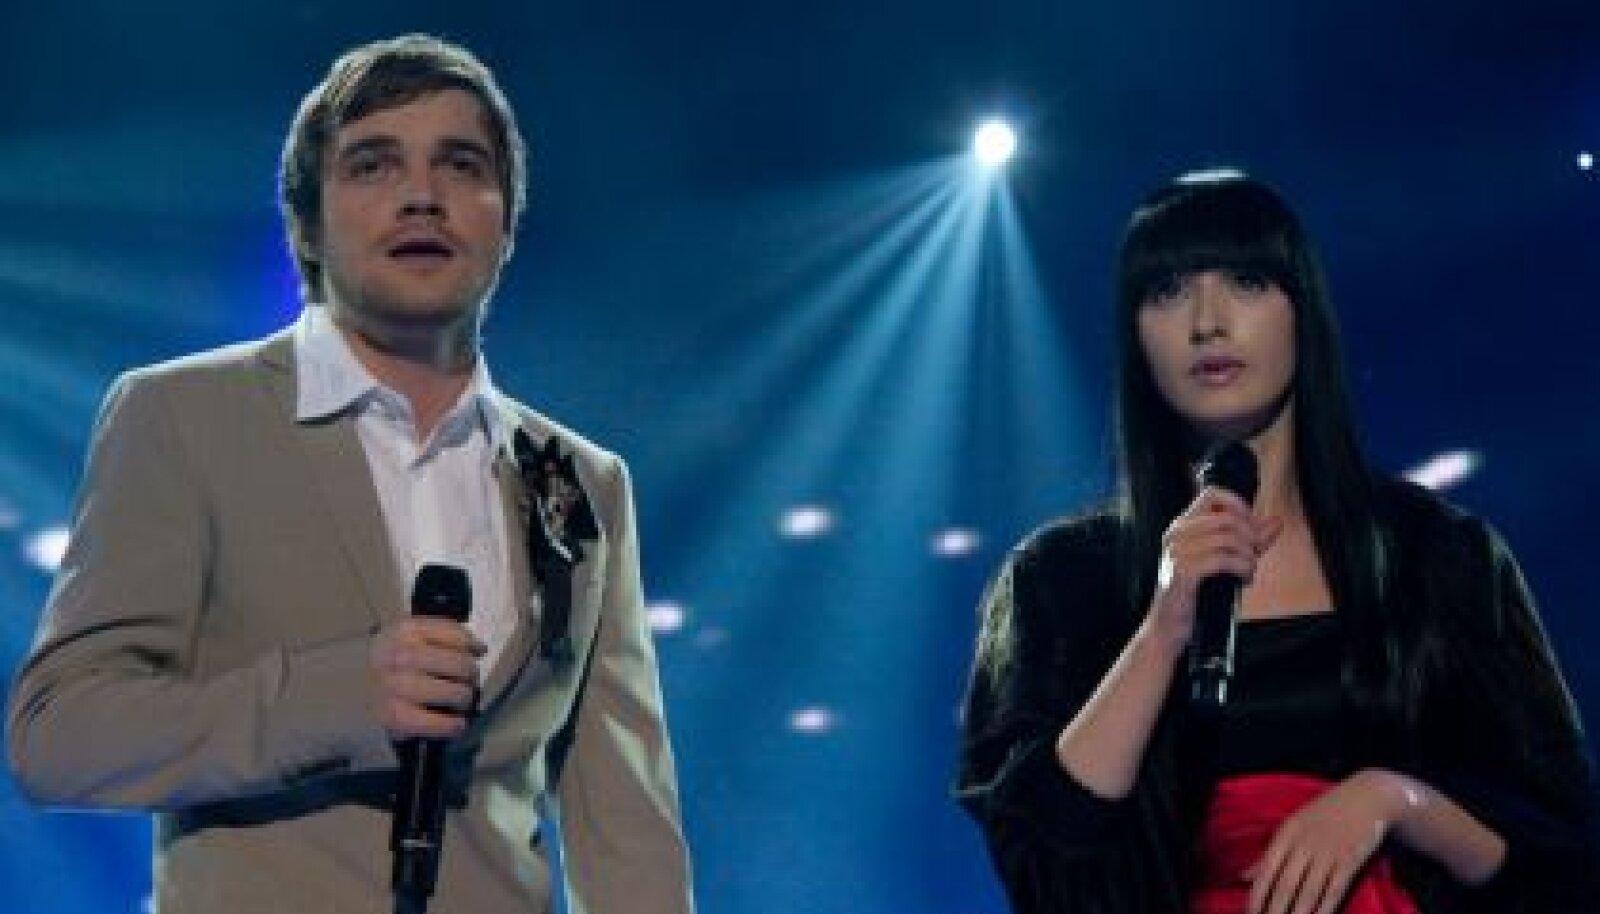 Eesti otsib superstaari 13.12.2009-28